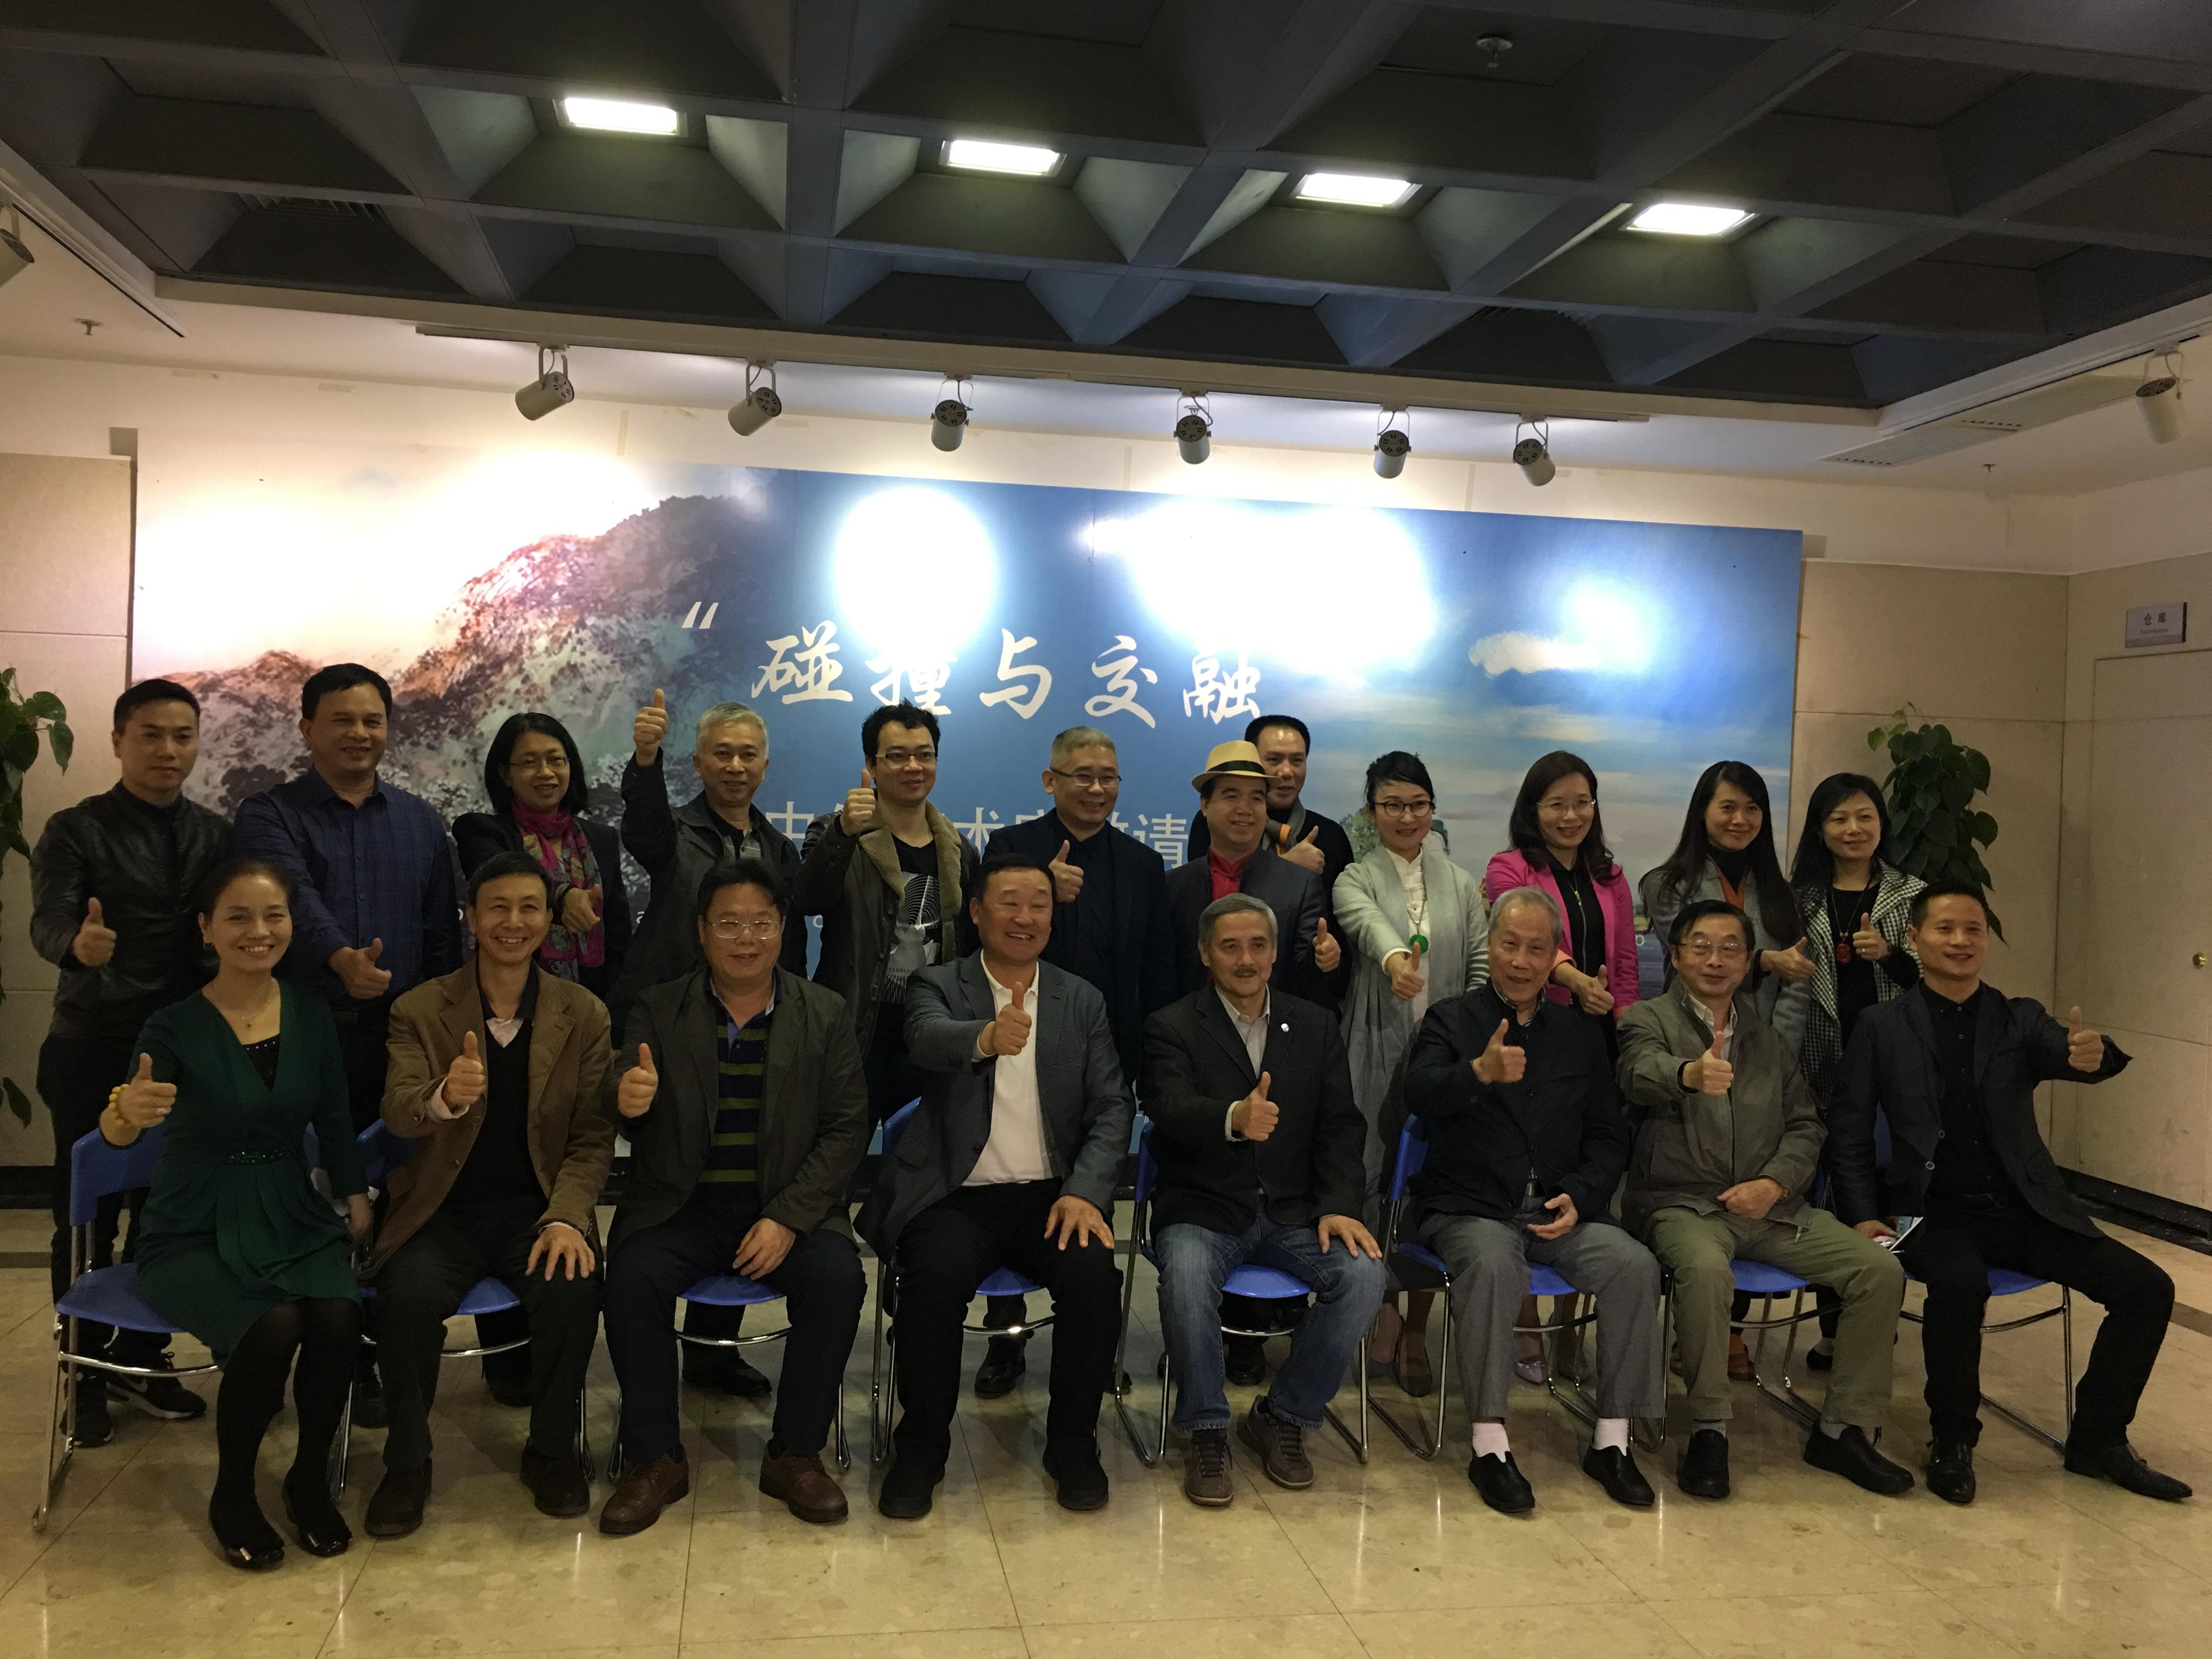 中国俄罗斯艺术家邀请展领导嘉宾合照